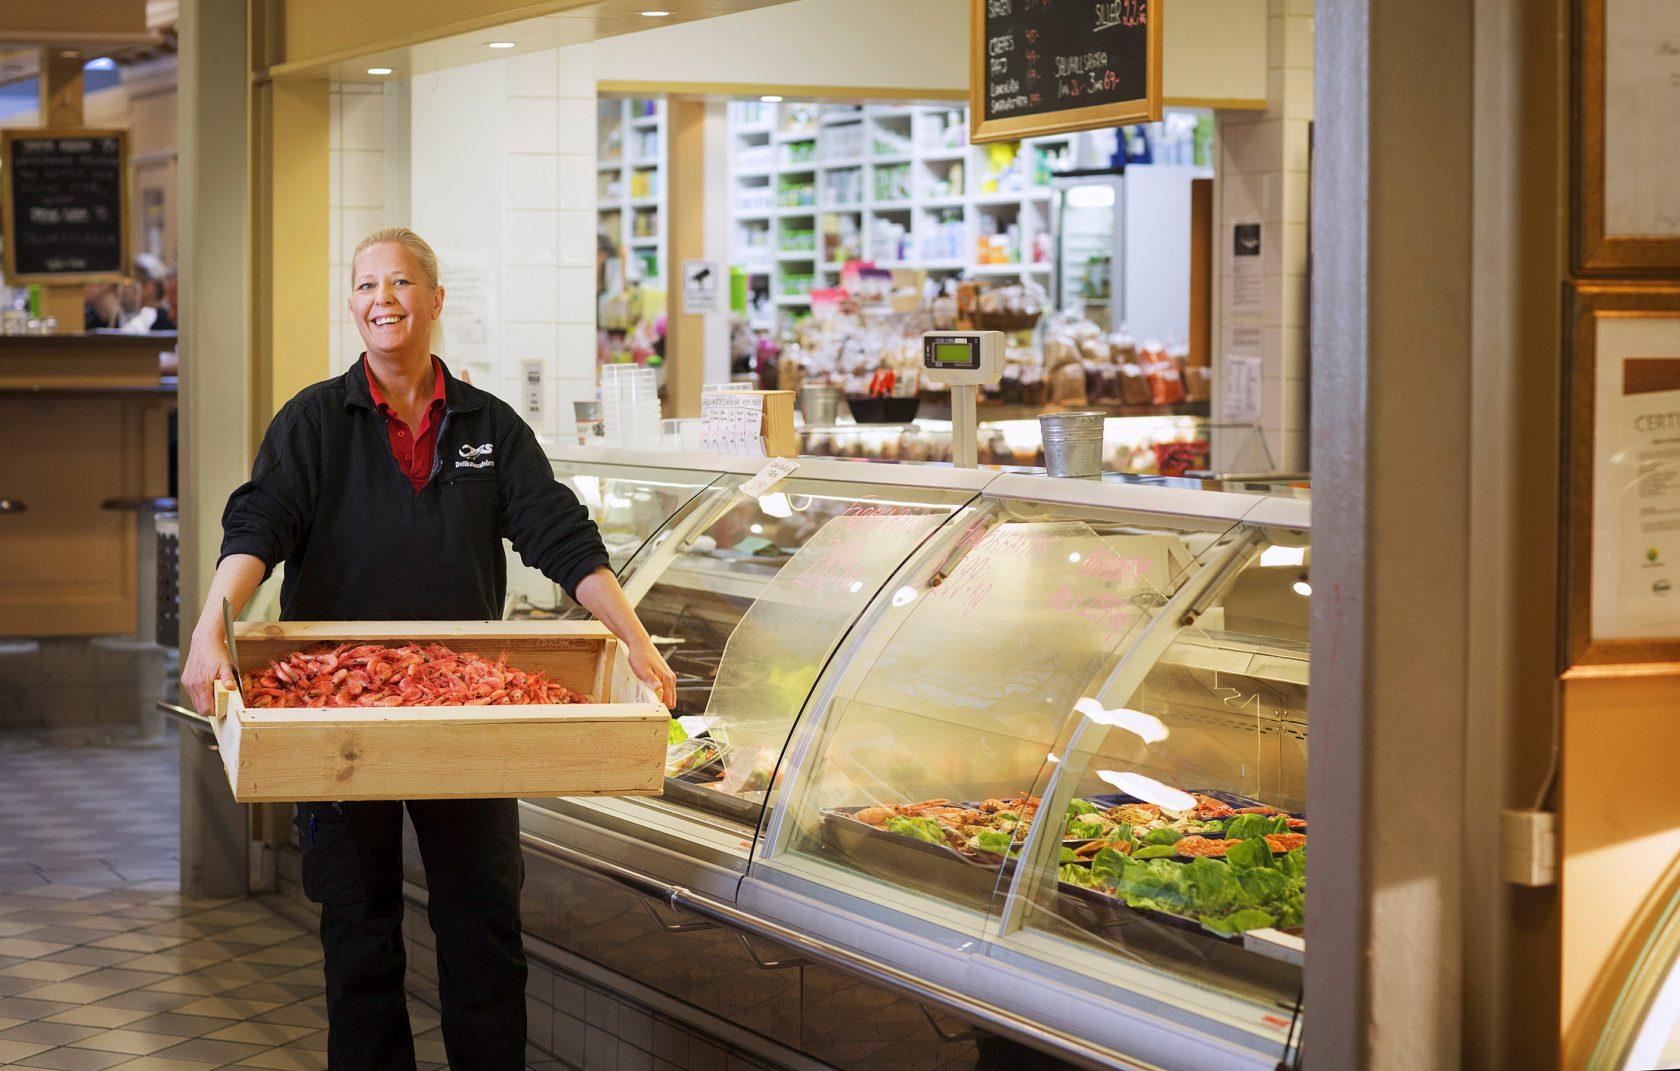 En kvinna står framför en butiksdisk och håller i en stor låda med skaldjur.